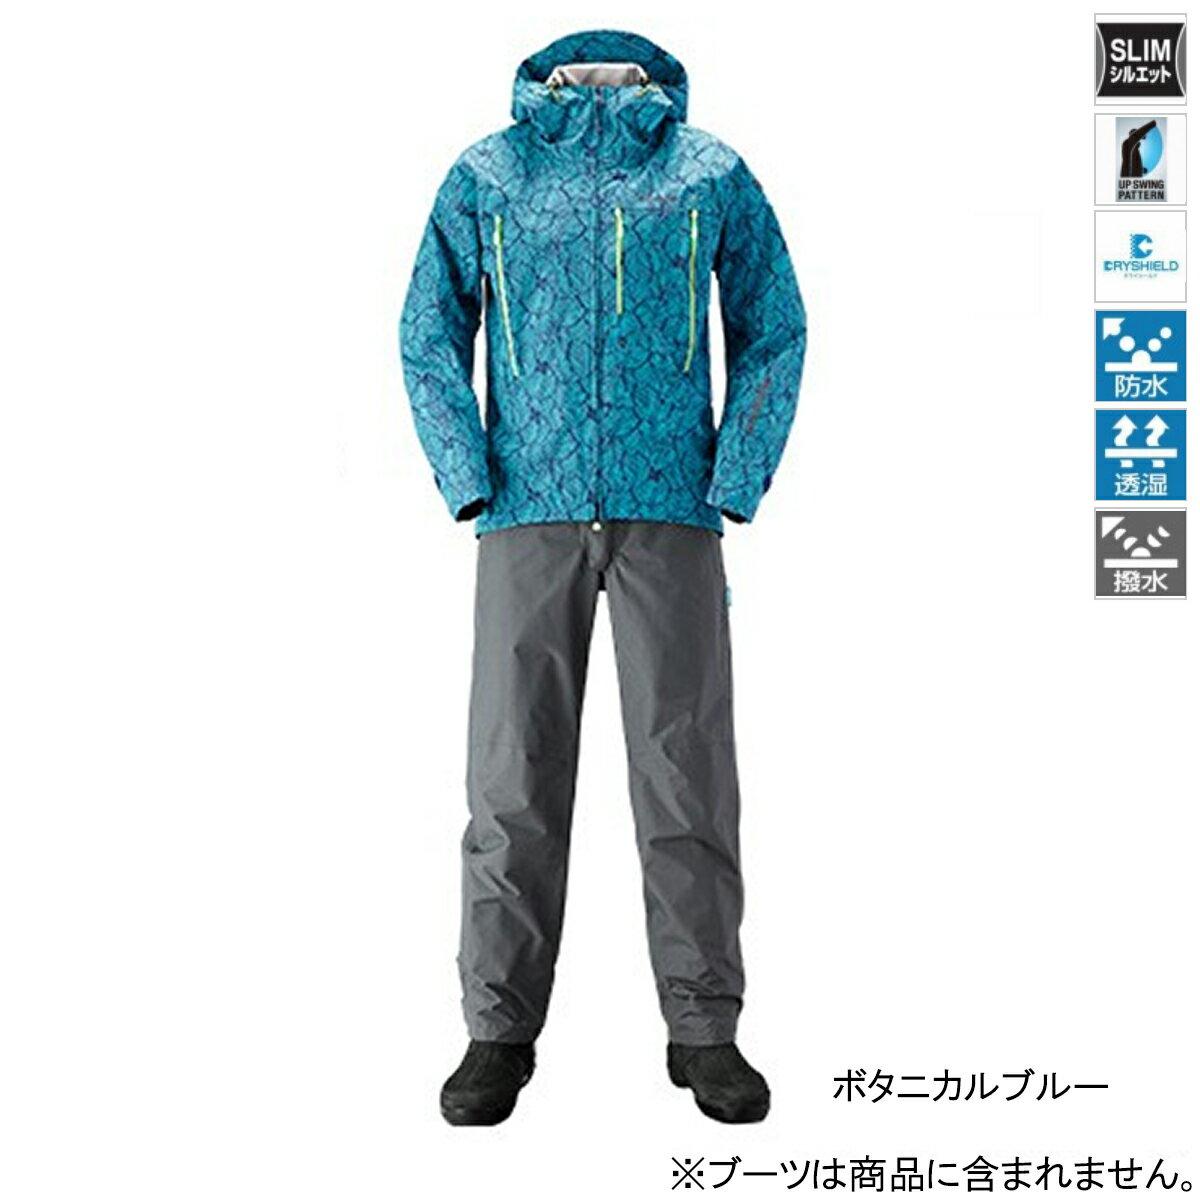 シマノ DSエクスプローラースーツ RA-024S M ボタニカルブルー【送料無料】